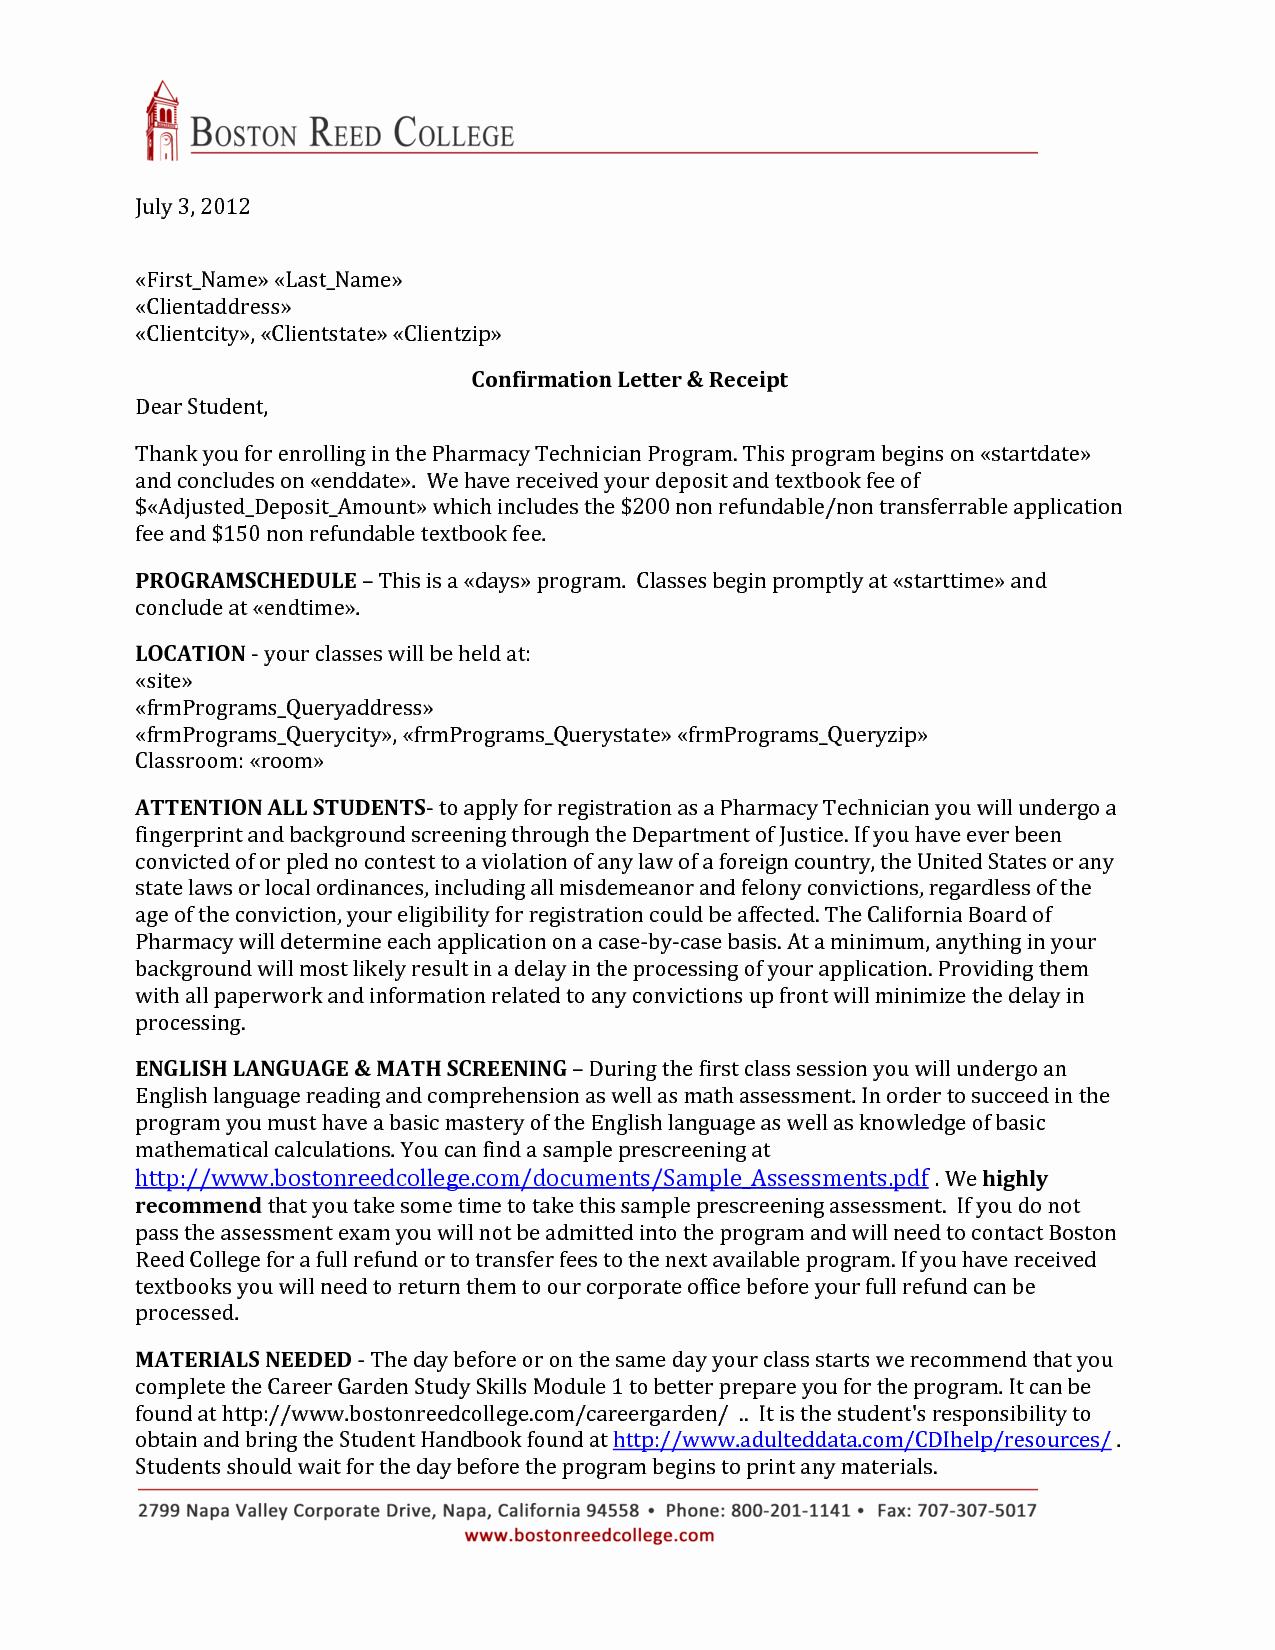 Pharmacy Technician Letter format Samplebusinessresume